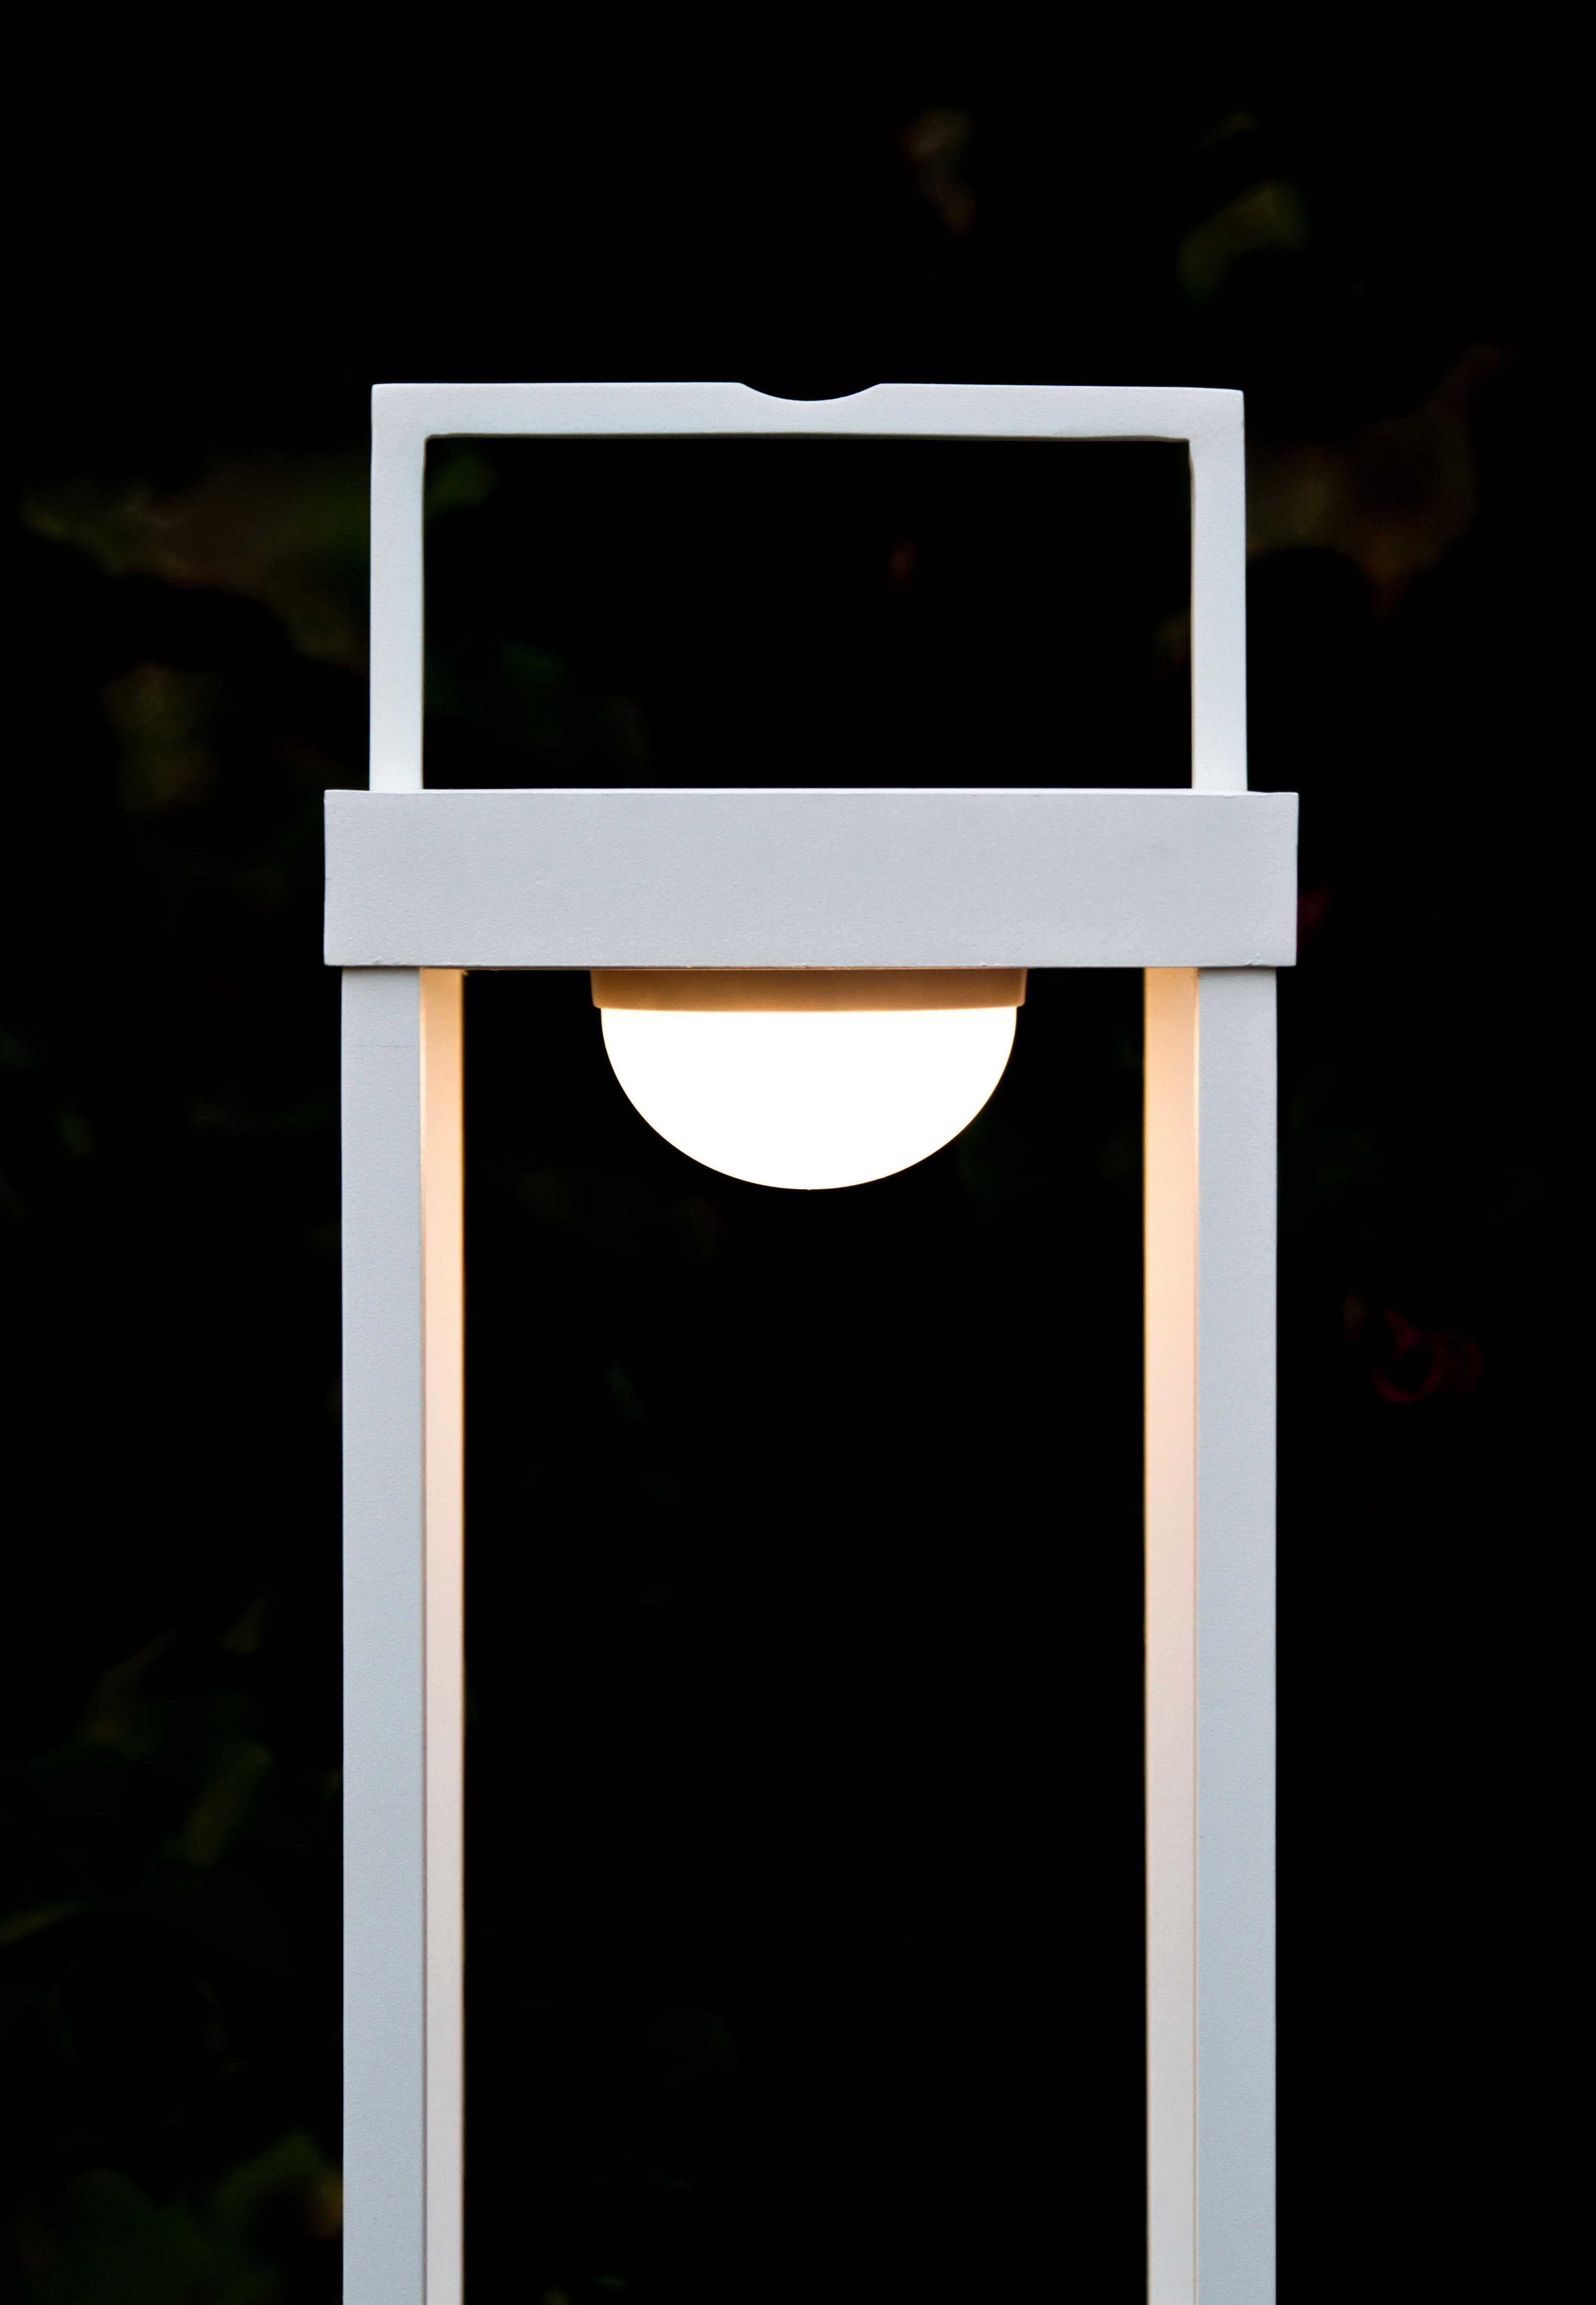 Parc 30 Lampe Cm Solaire S Sans Maiori Fil Led H La Dock Usb 4RAjLq35